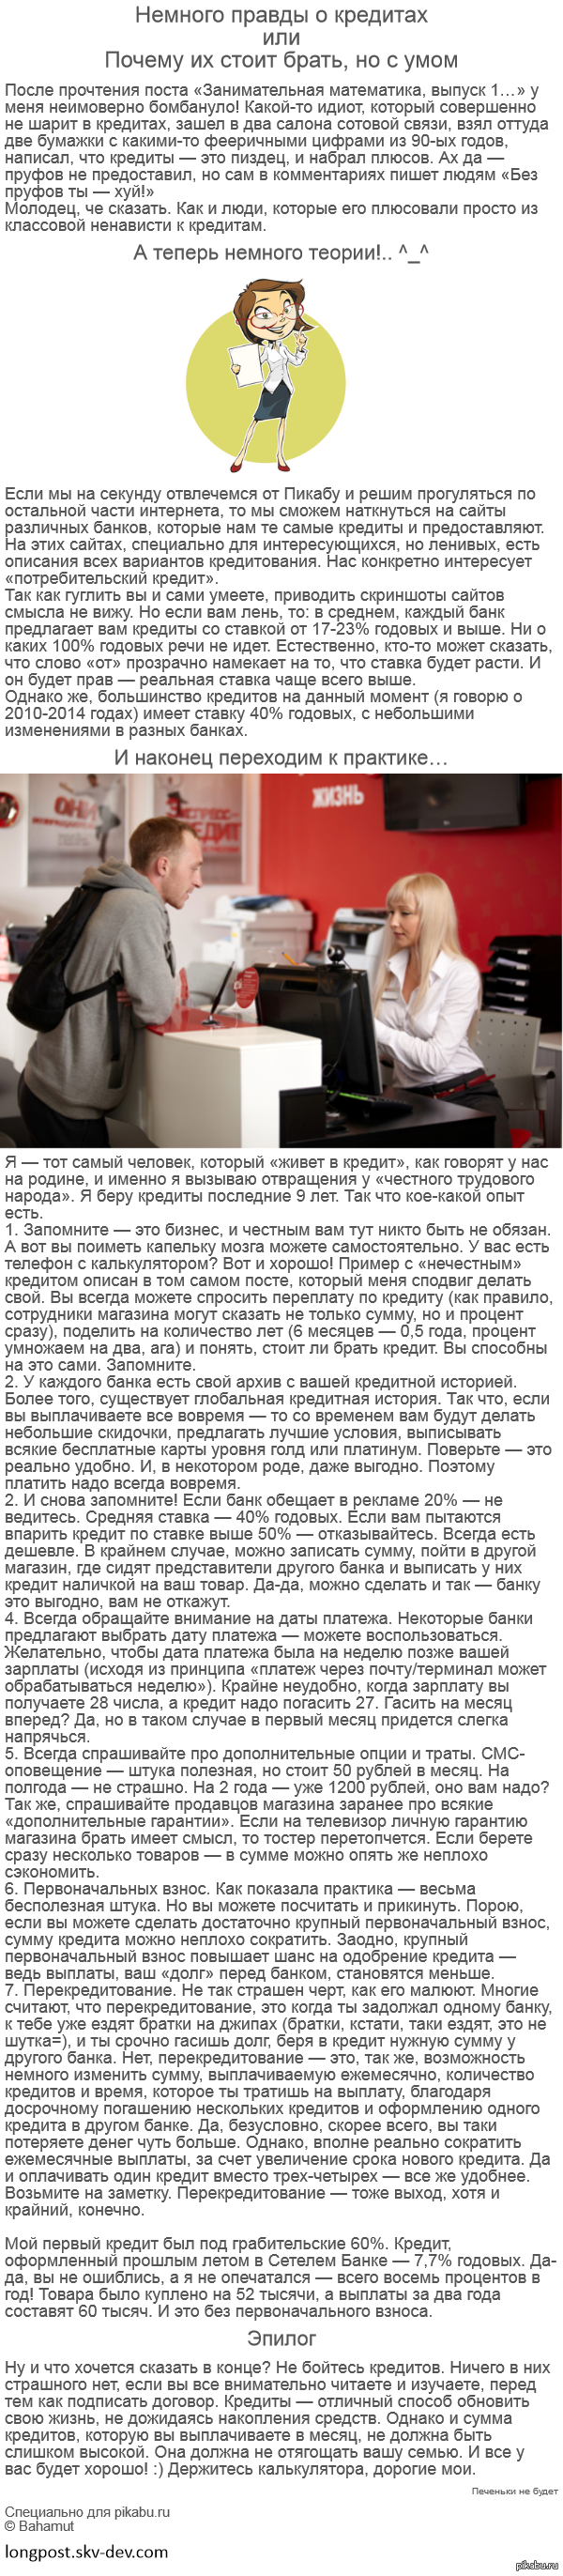 какого числа лучше брать кредитинн пао сбербанк россии г.москва